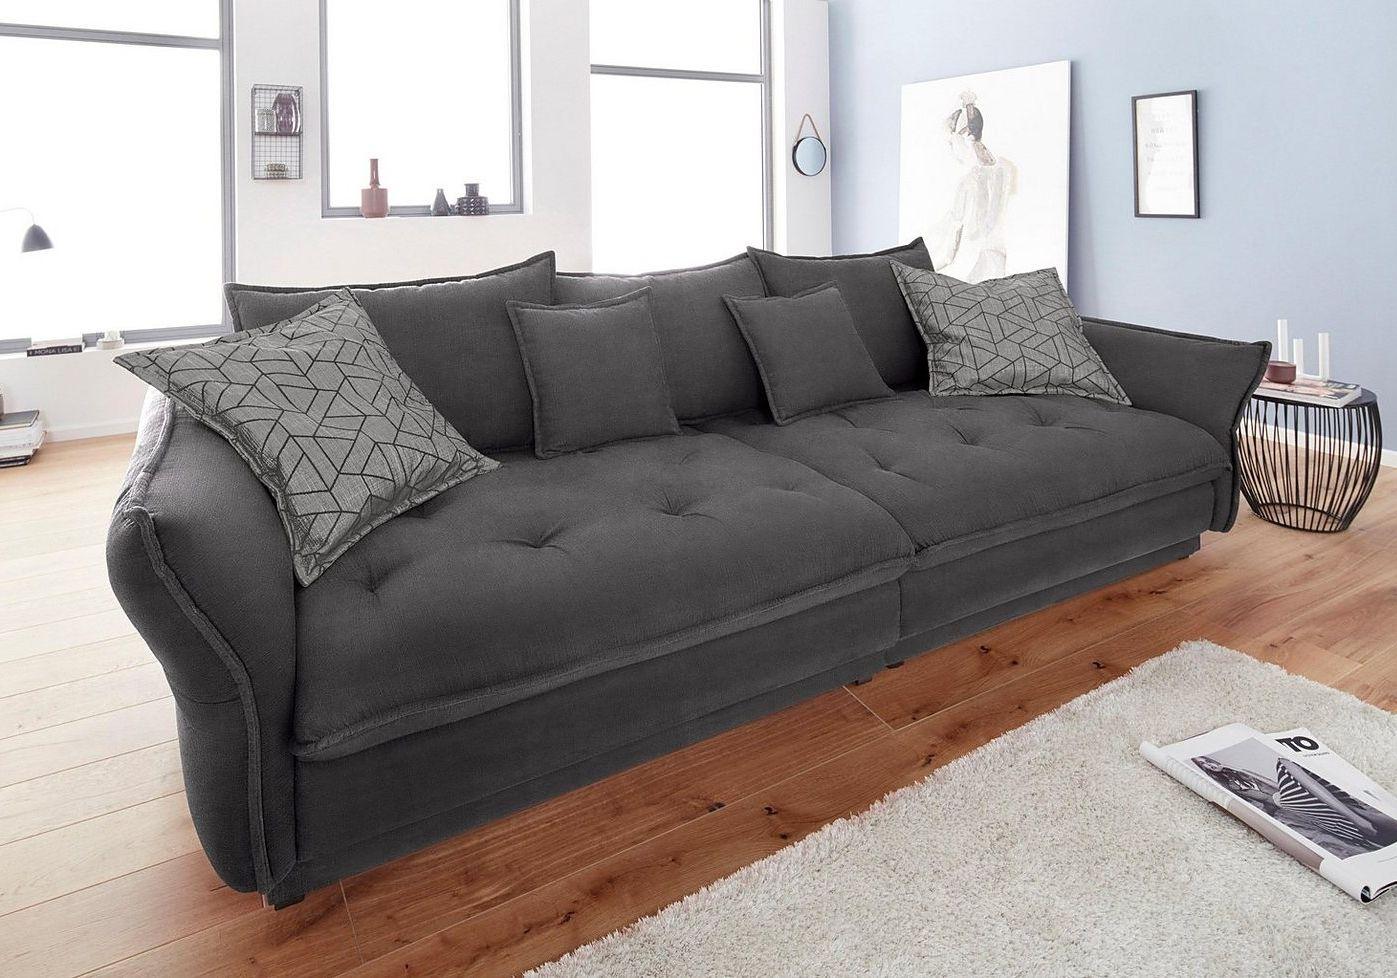 Inosign Big Sofa Palladio Wahlweise Mit Led Ambiente Beleuchtung Grosse Sofas Wohnzimmer Stil Wohnzimmer Orange